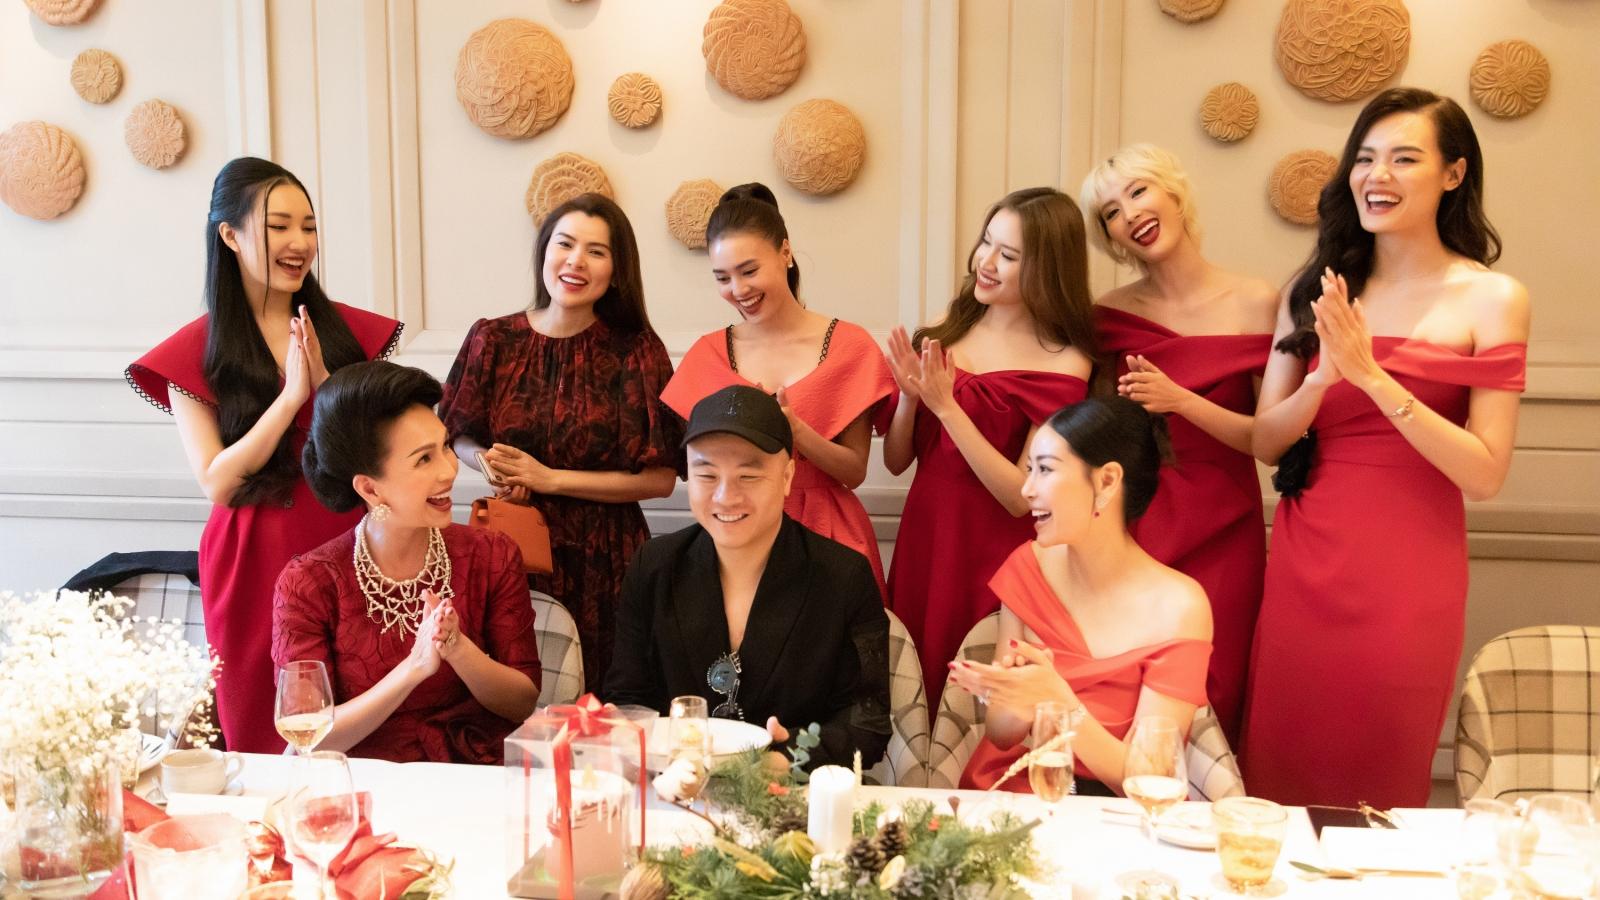 Dàn mỹ nhân mặc trang phục đỏ mừng sinh nhật NTK Đỗ Mạnh Cường